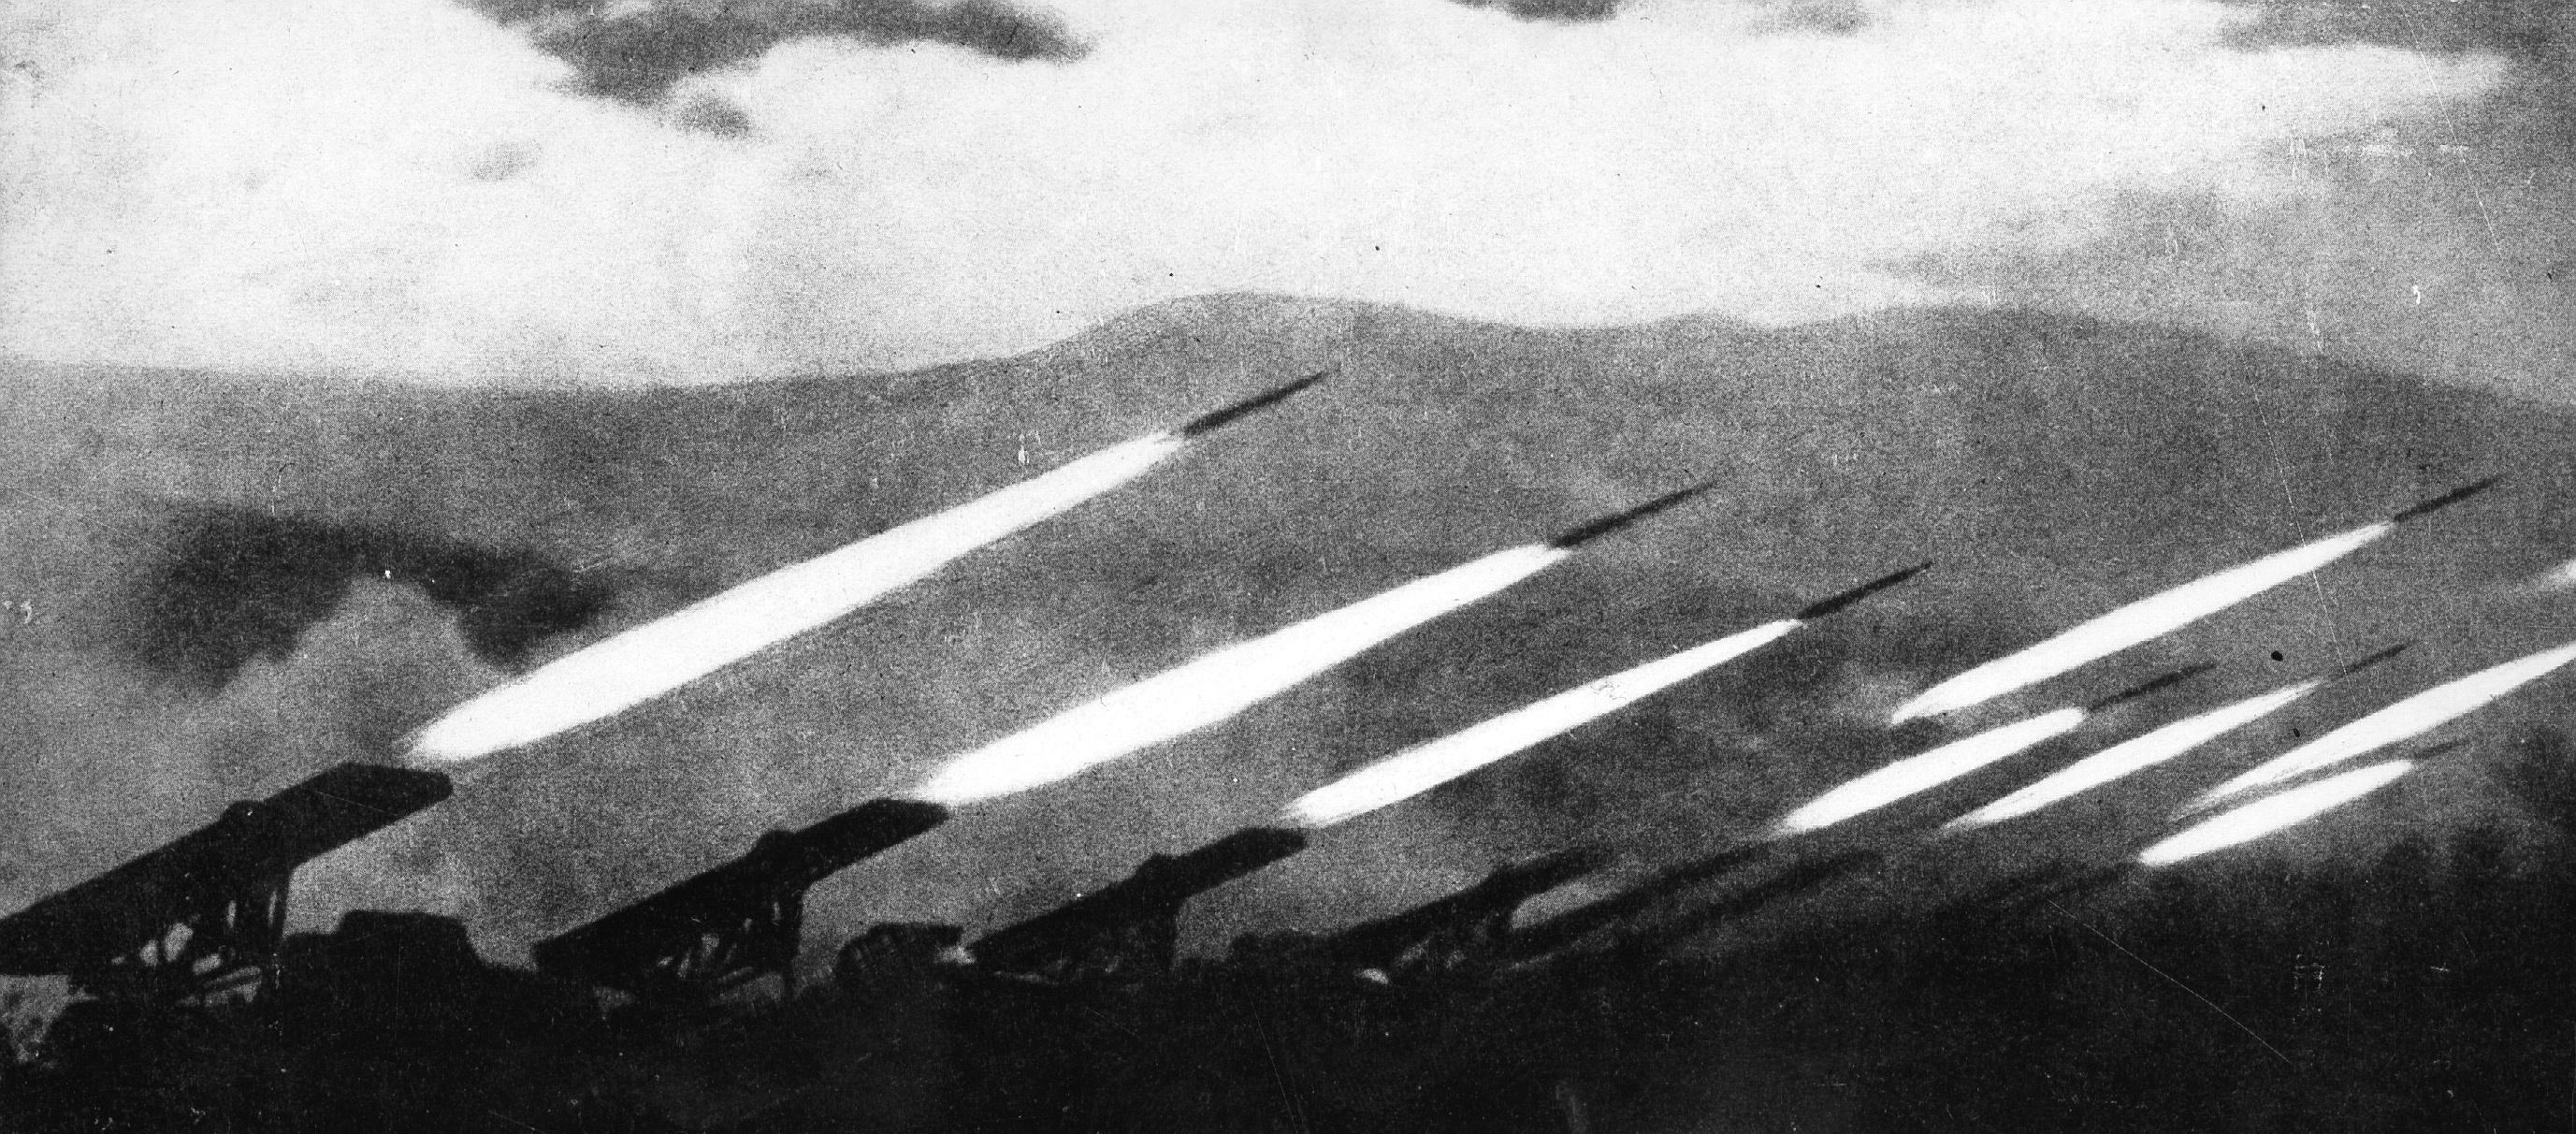 19.11.1942 советские войска начали наступление на немецкий фронт под Сталинградом артиллерийским обстрелом. На снимке стреляют ракетные установки